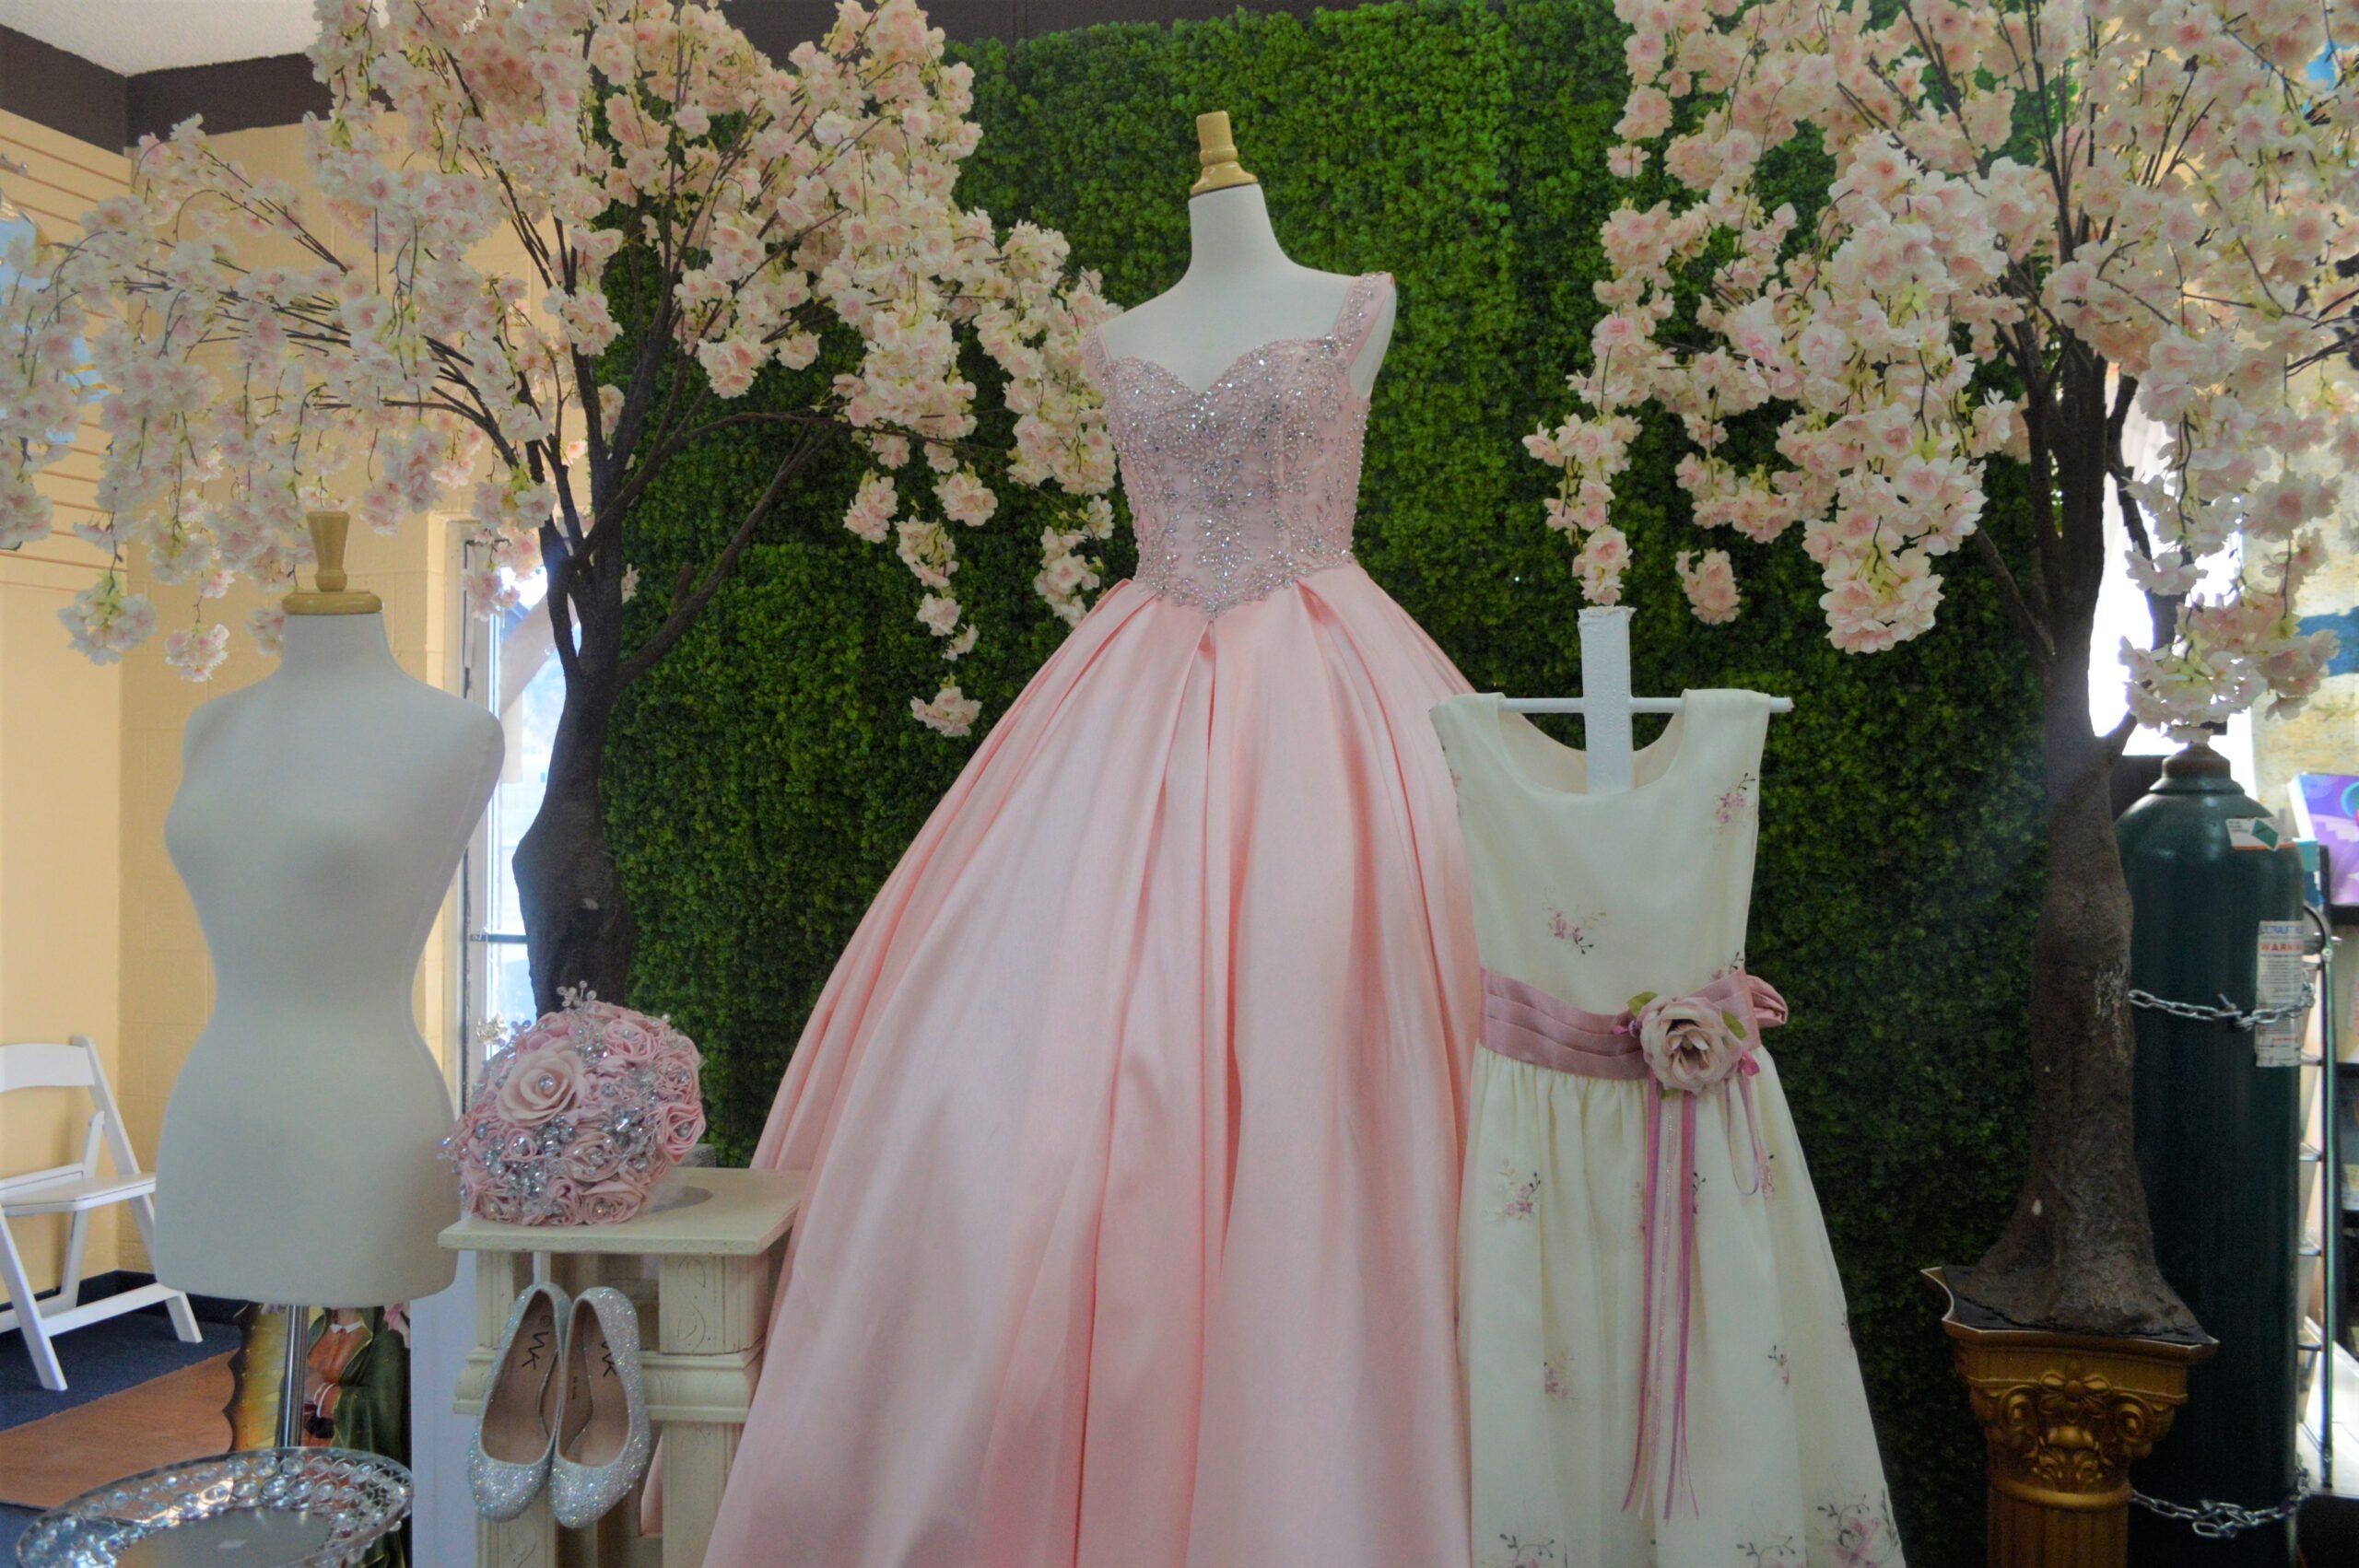 A pink quinceañera dress